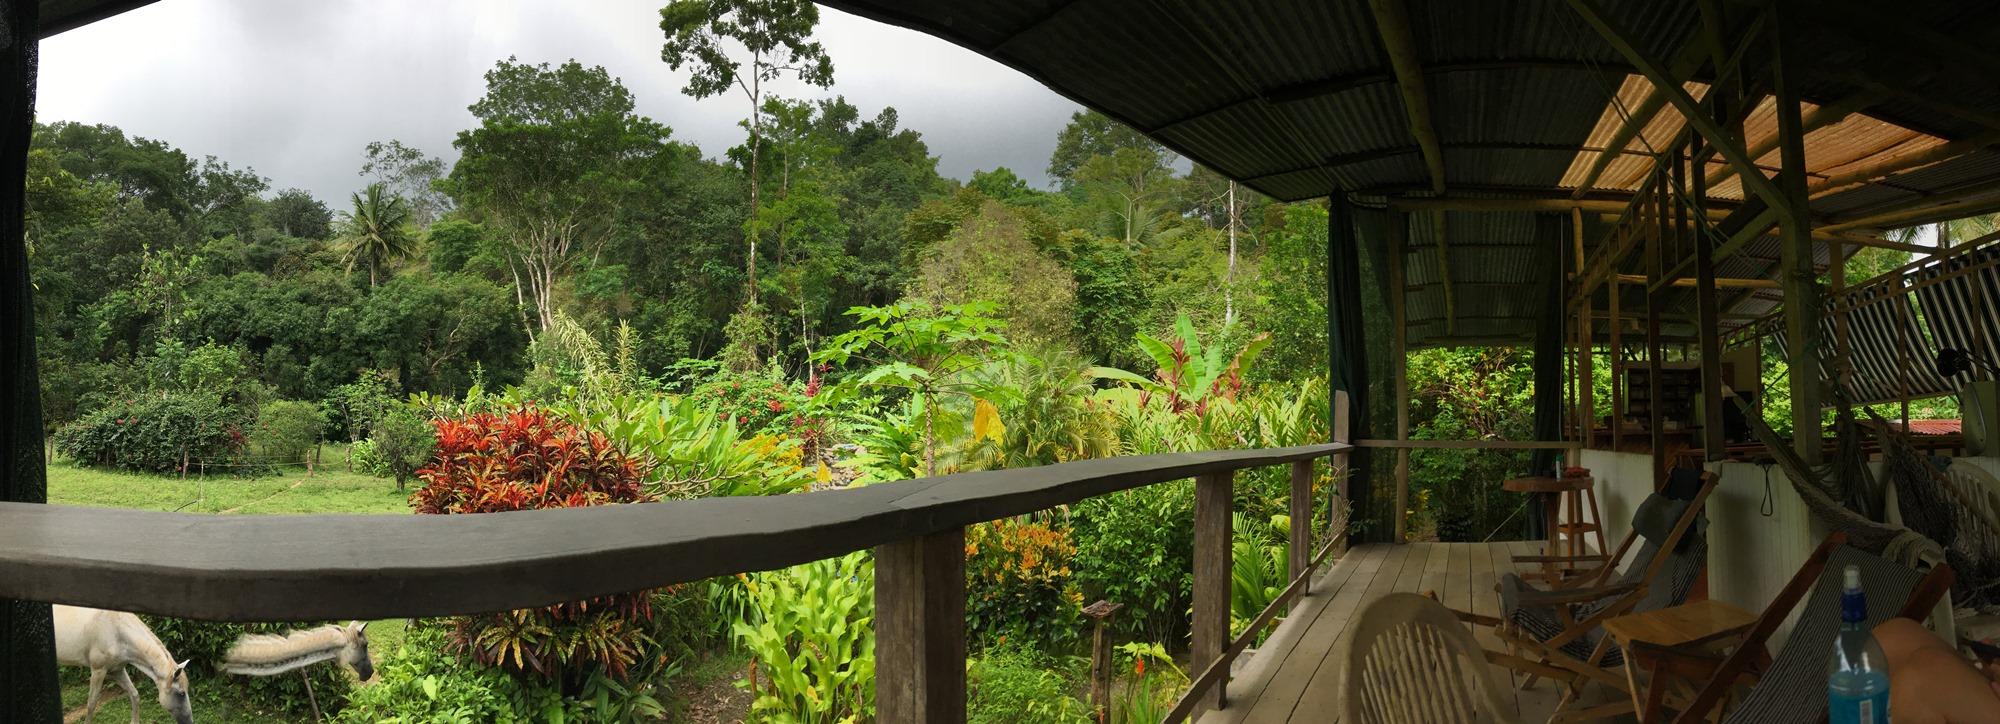 945 Dominical Ocean View173.jpg